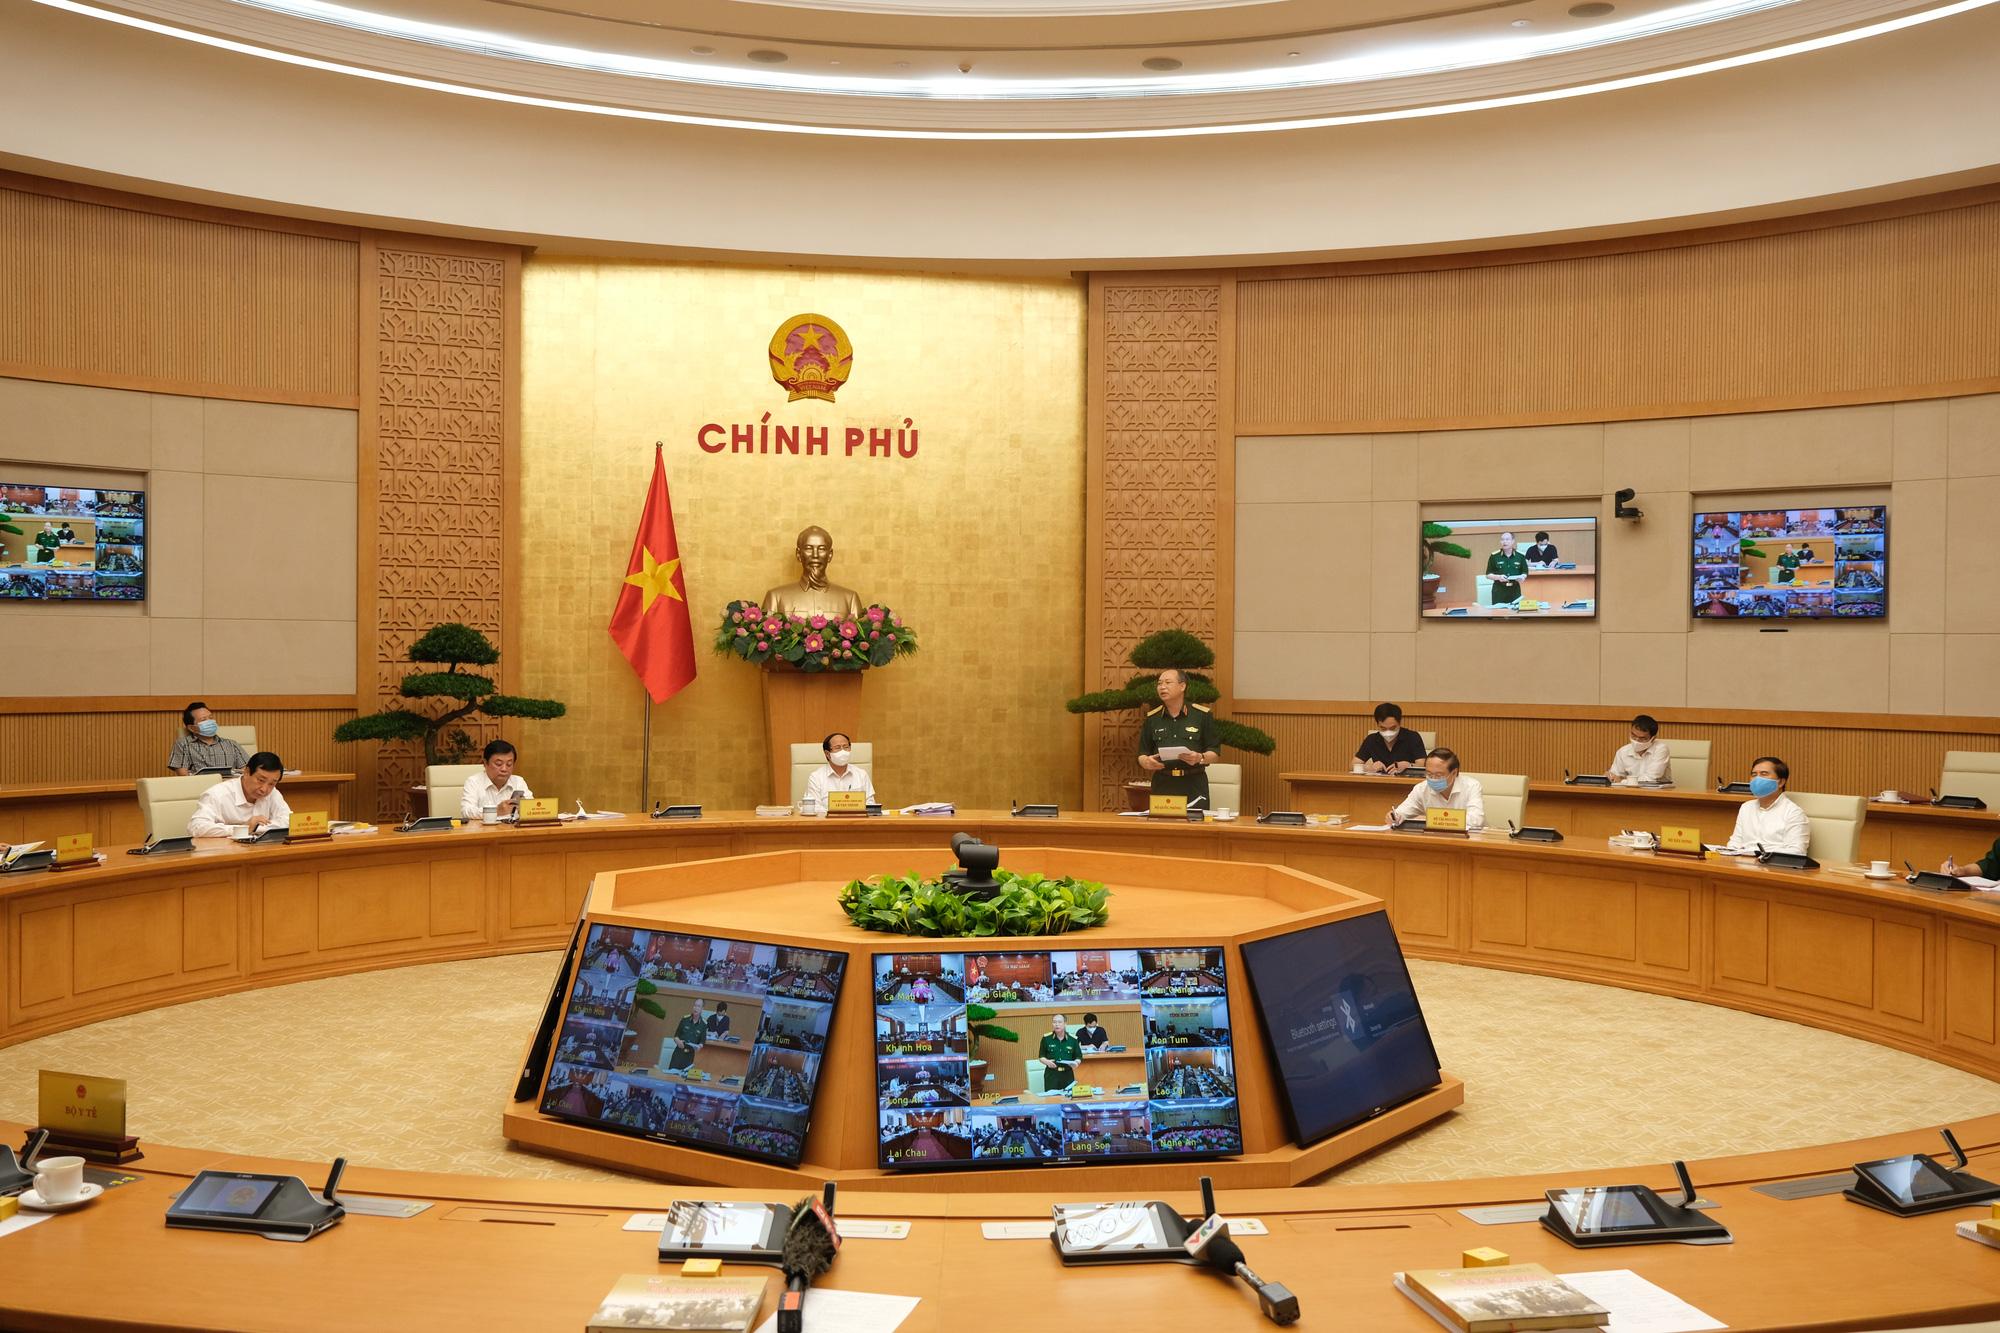 Phó Thủ tướng Lê Văn Thành: Lấy sự an toàn của người dân làm thước cho kết quả của phòng chống thiên tai - Ảnh 1.